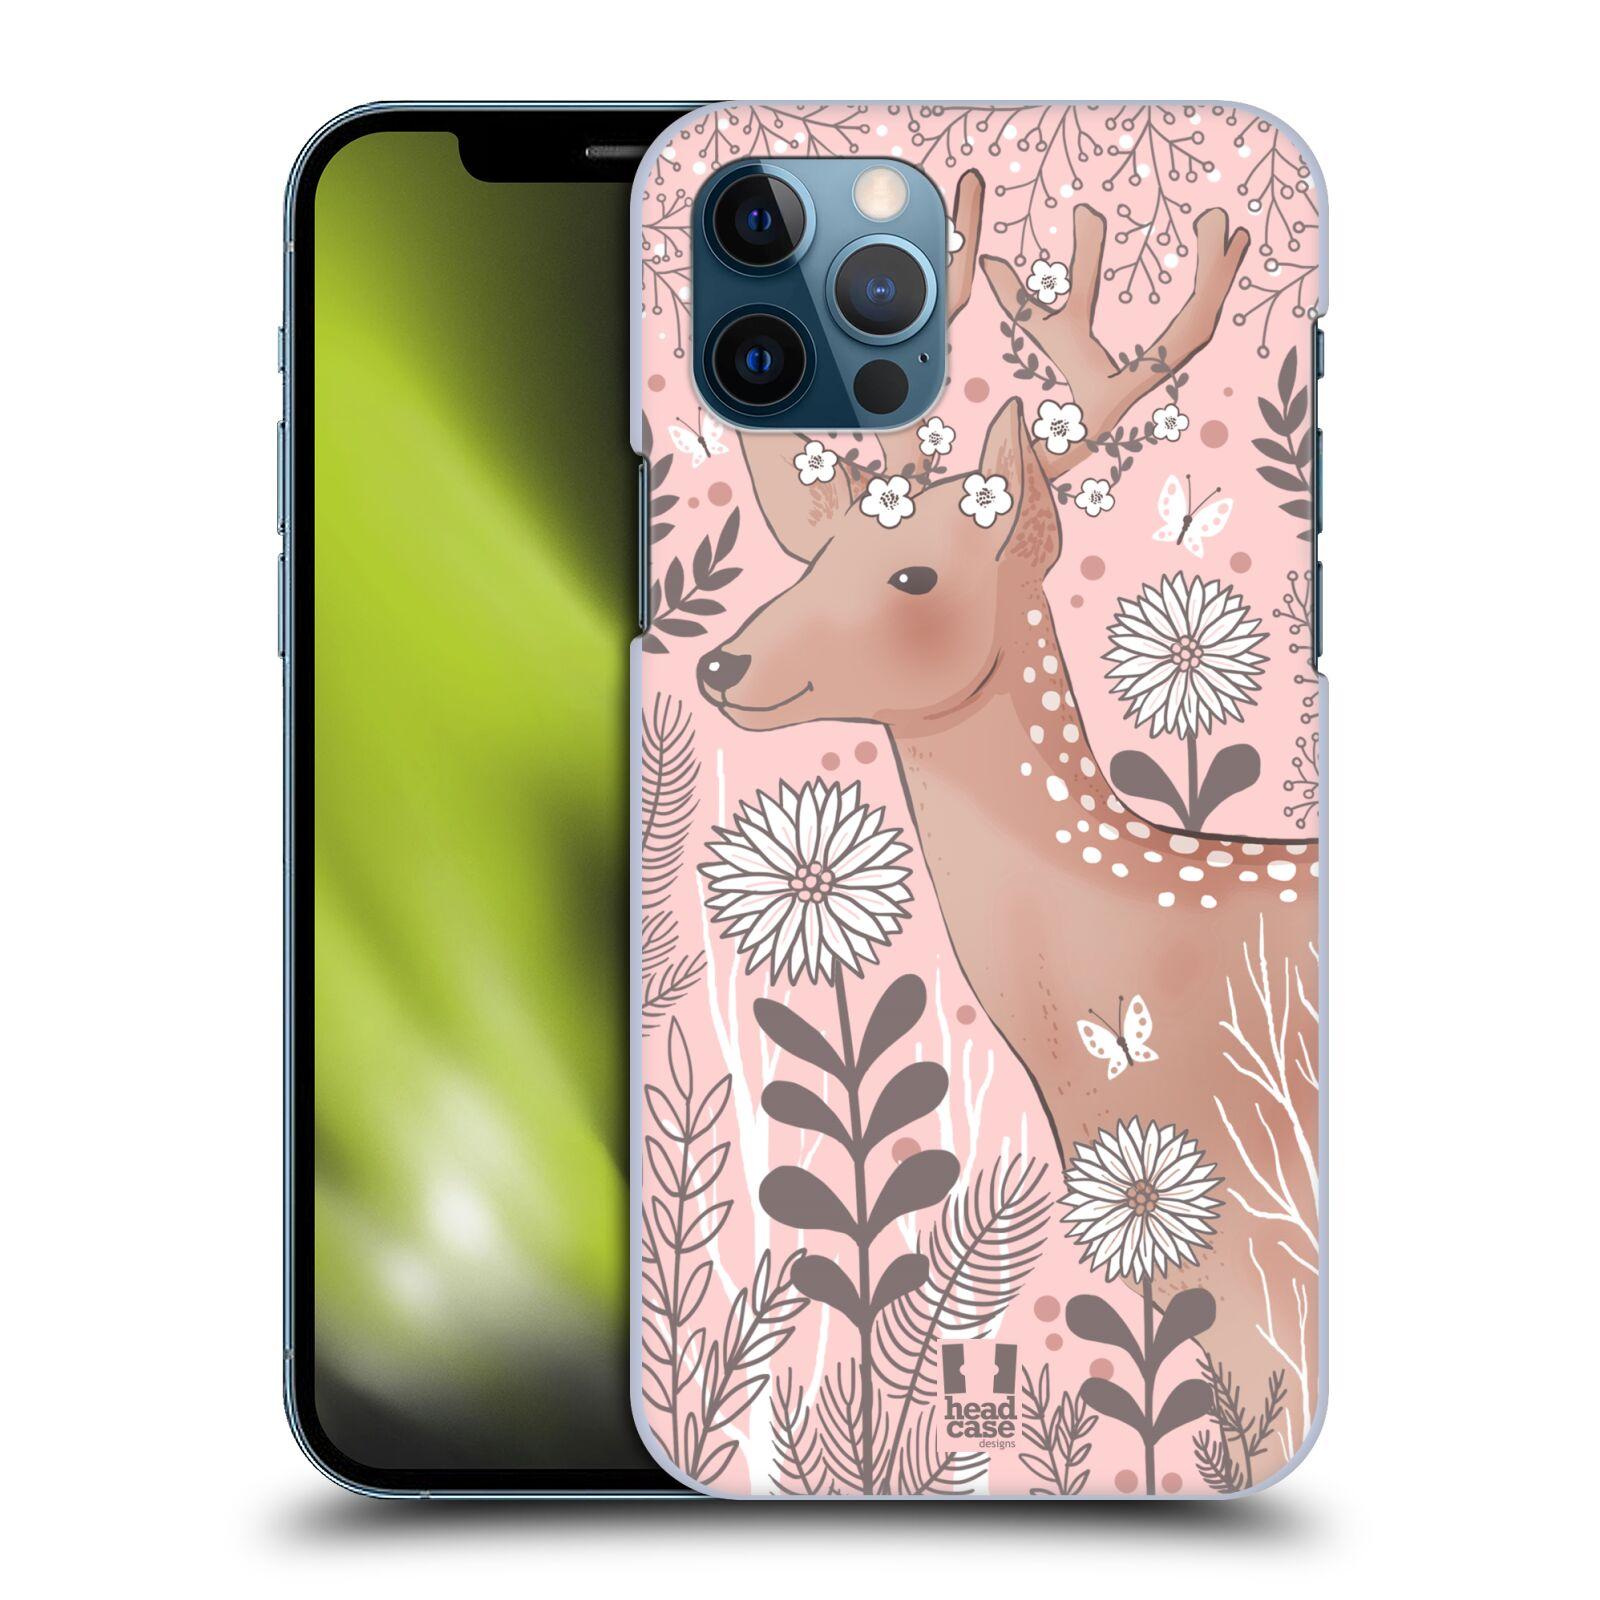 Plastové pouzdro na mobil Apple iPhone 12 / 12 Pro - Head Case - Jelíneček